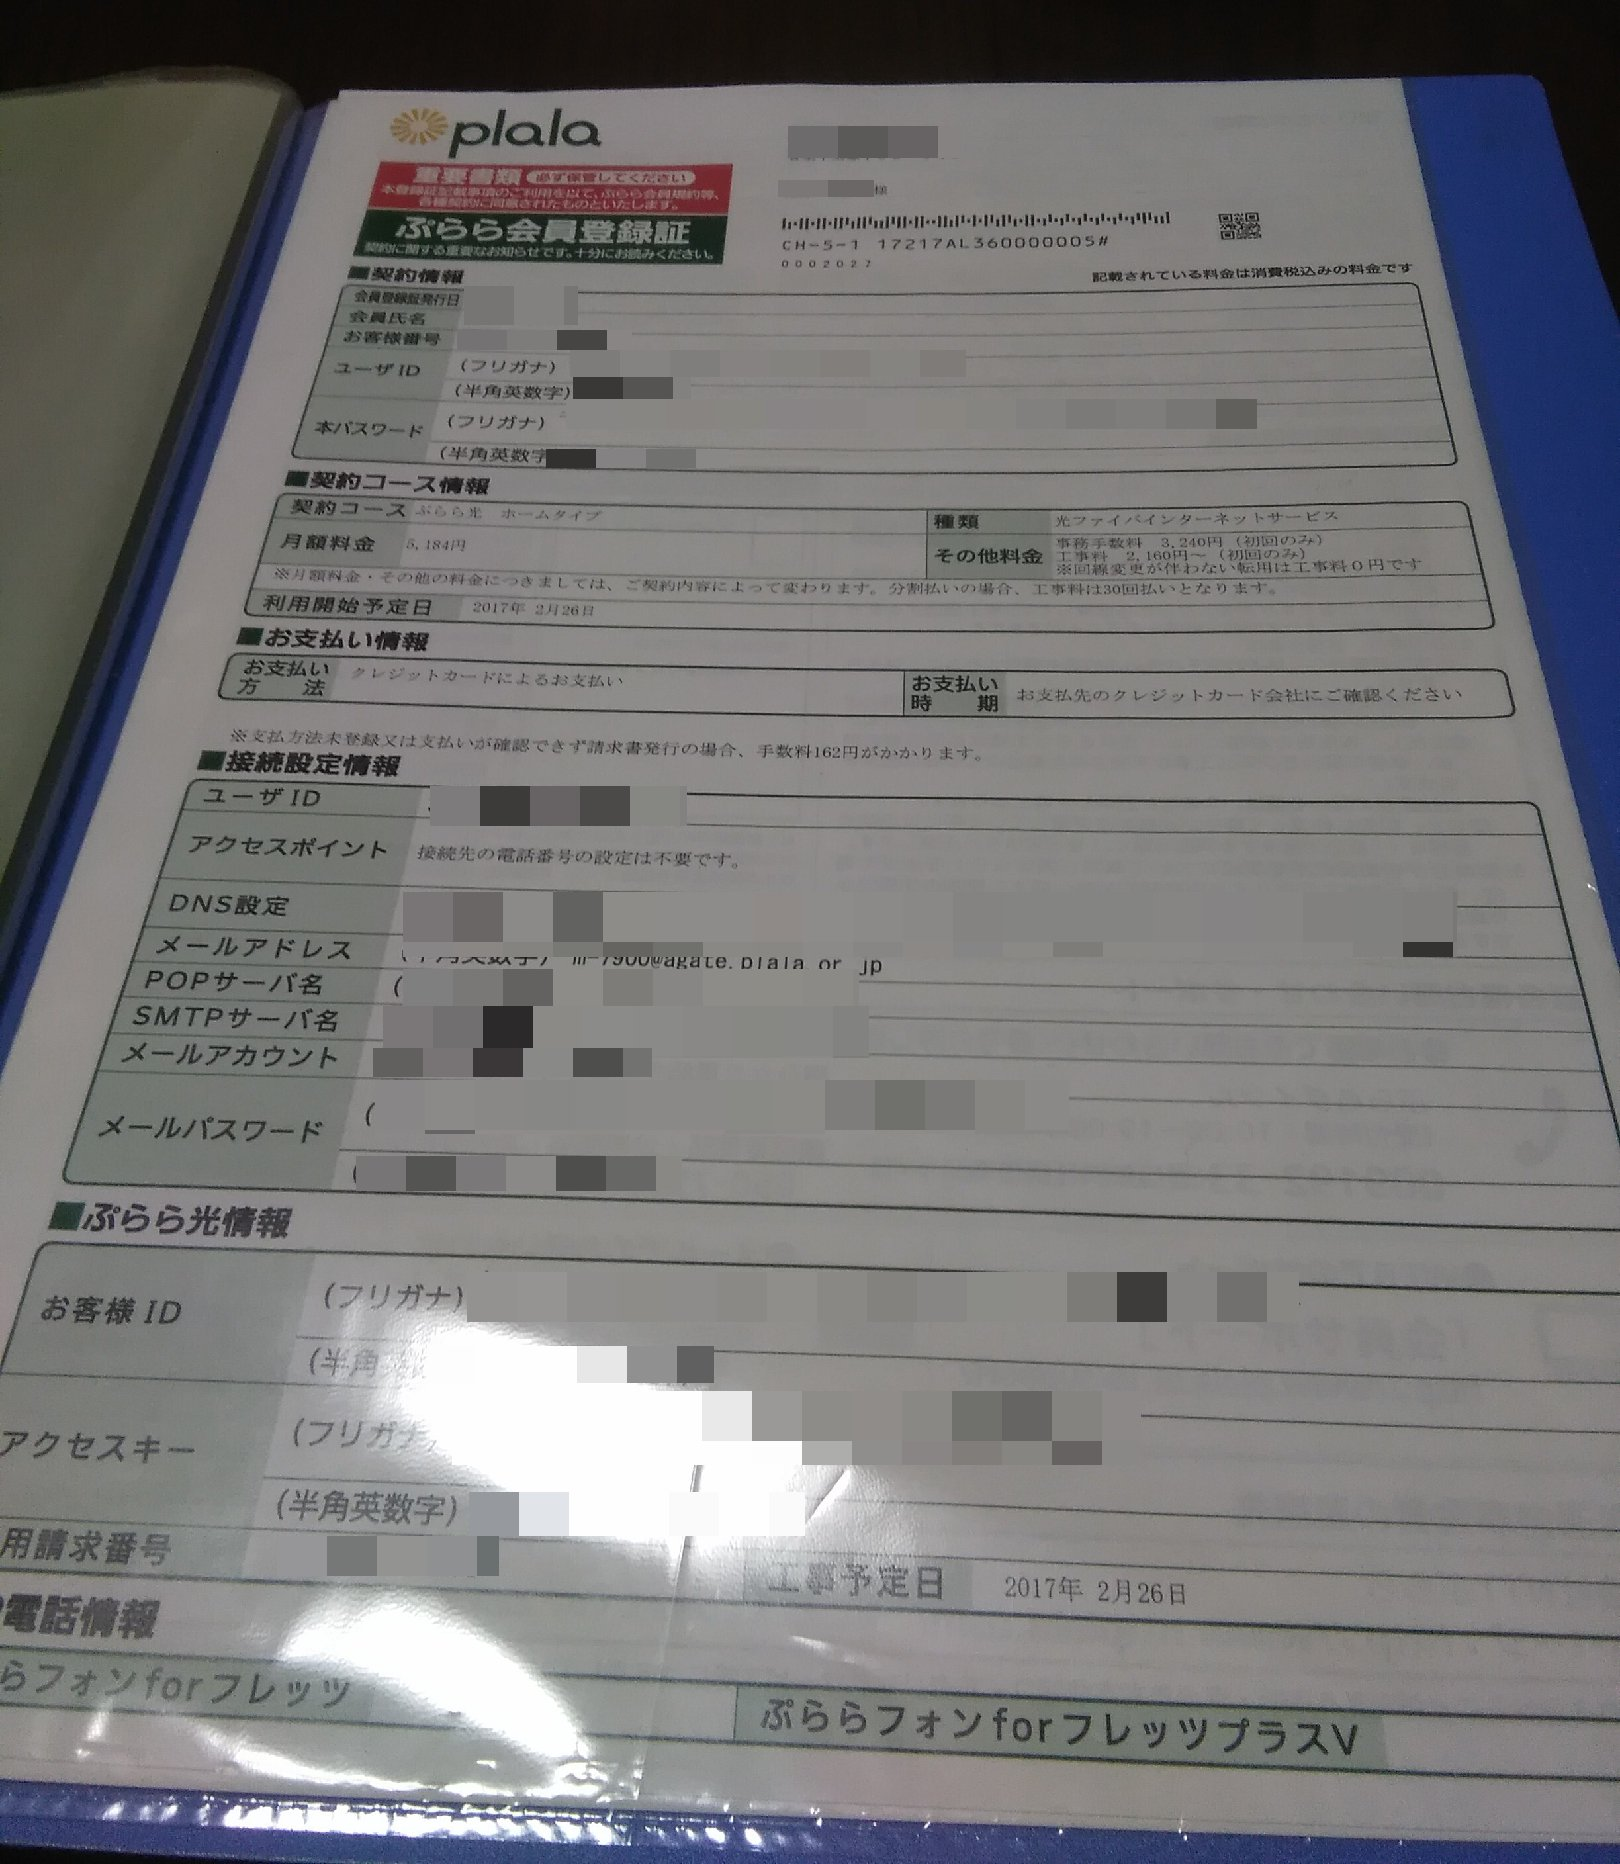 ぷらら光契約書1